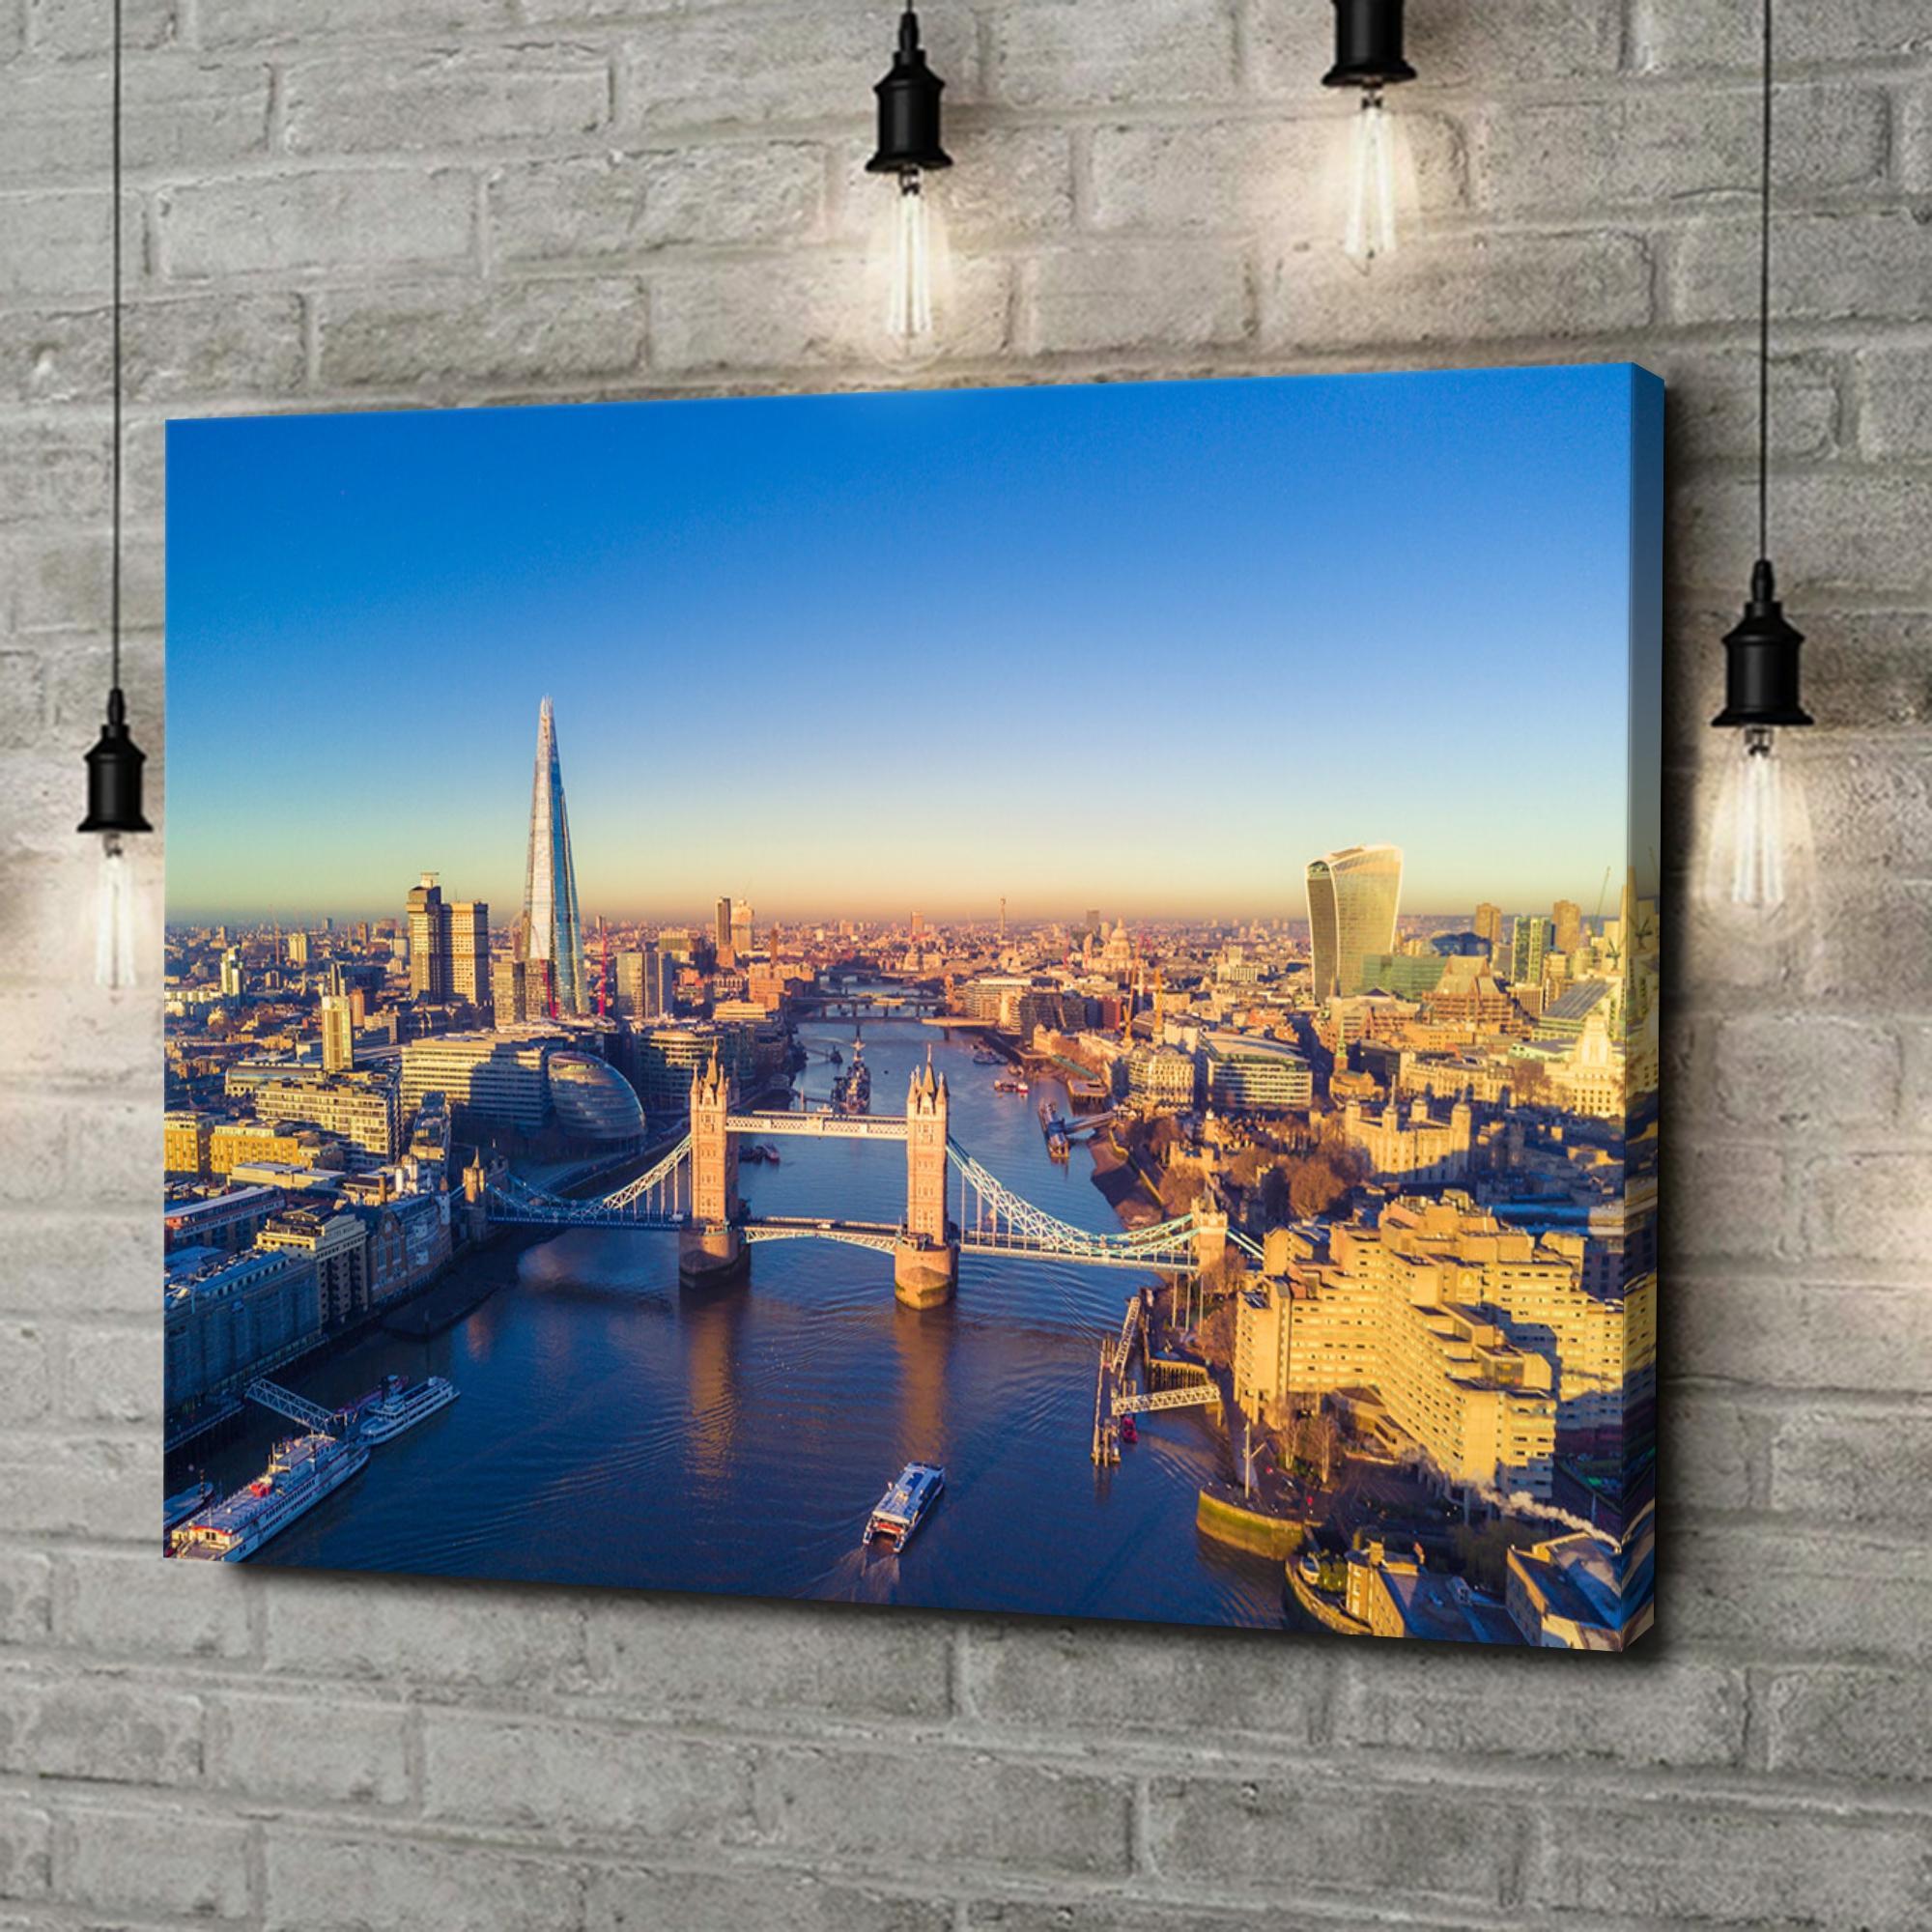 Leinwandbild personalisiert London Bridge Luftaufnahme